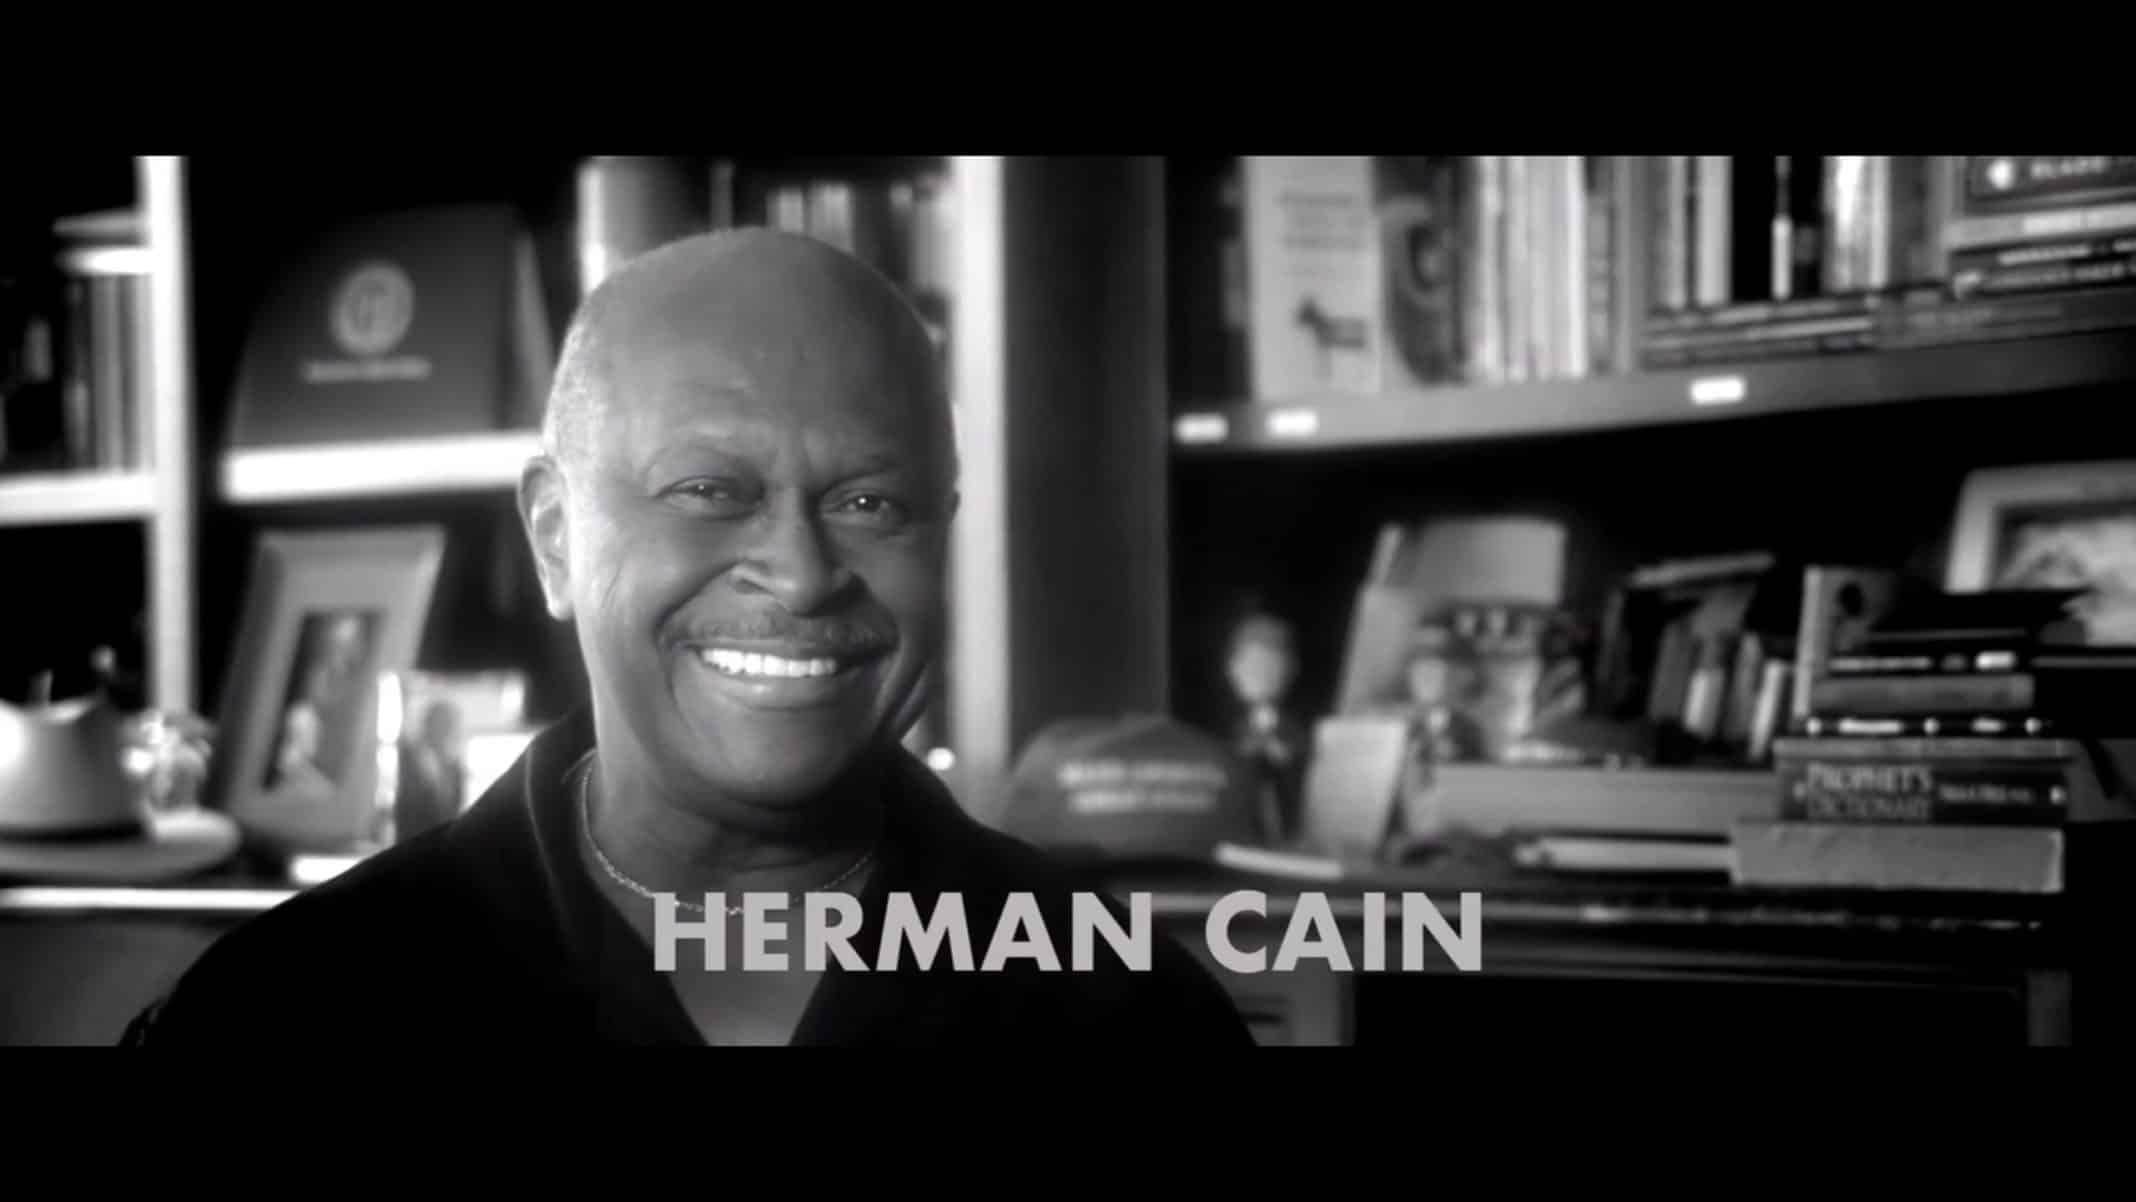 Herman Cain smiling